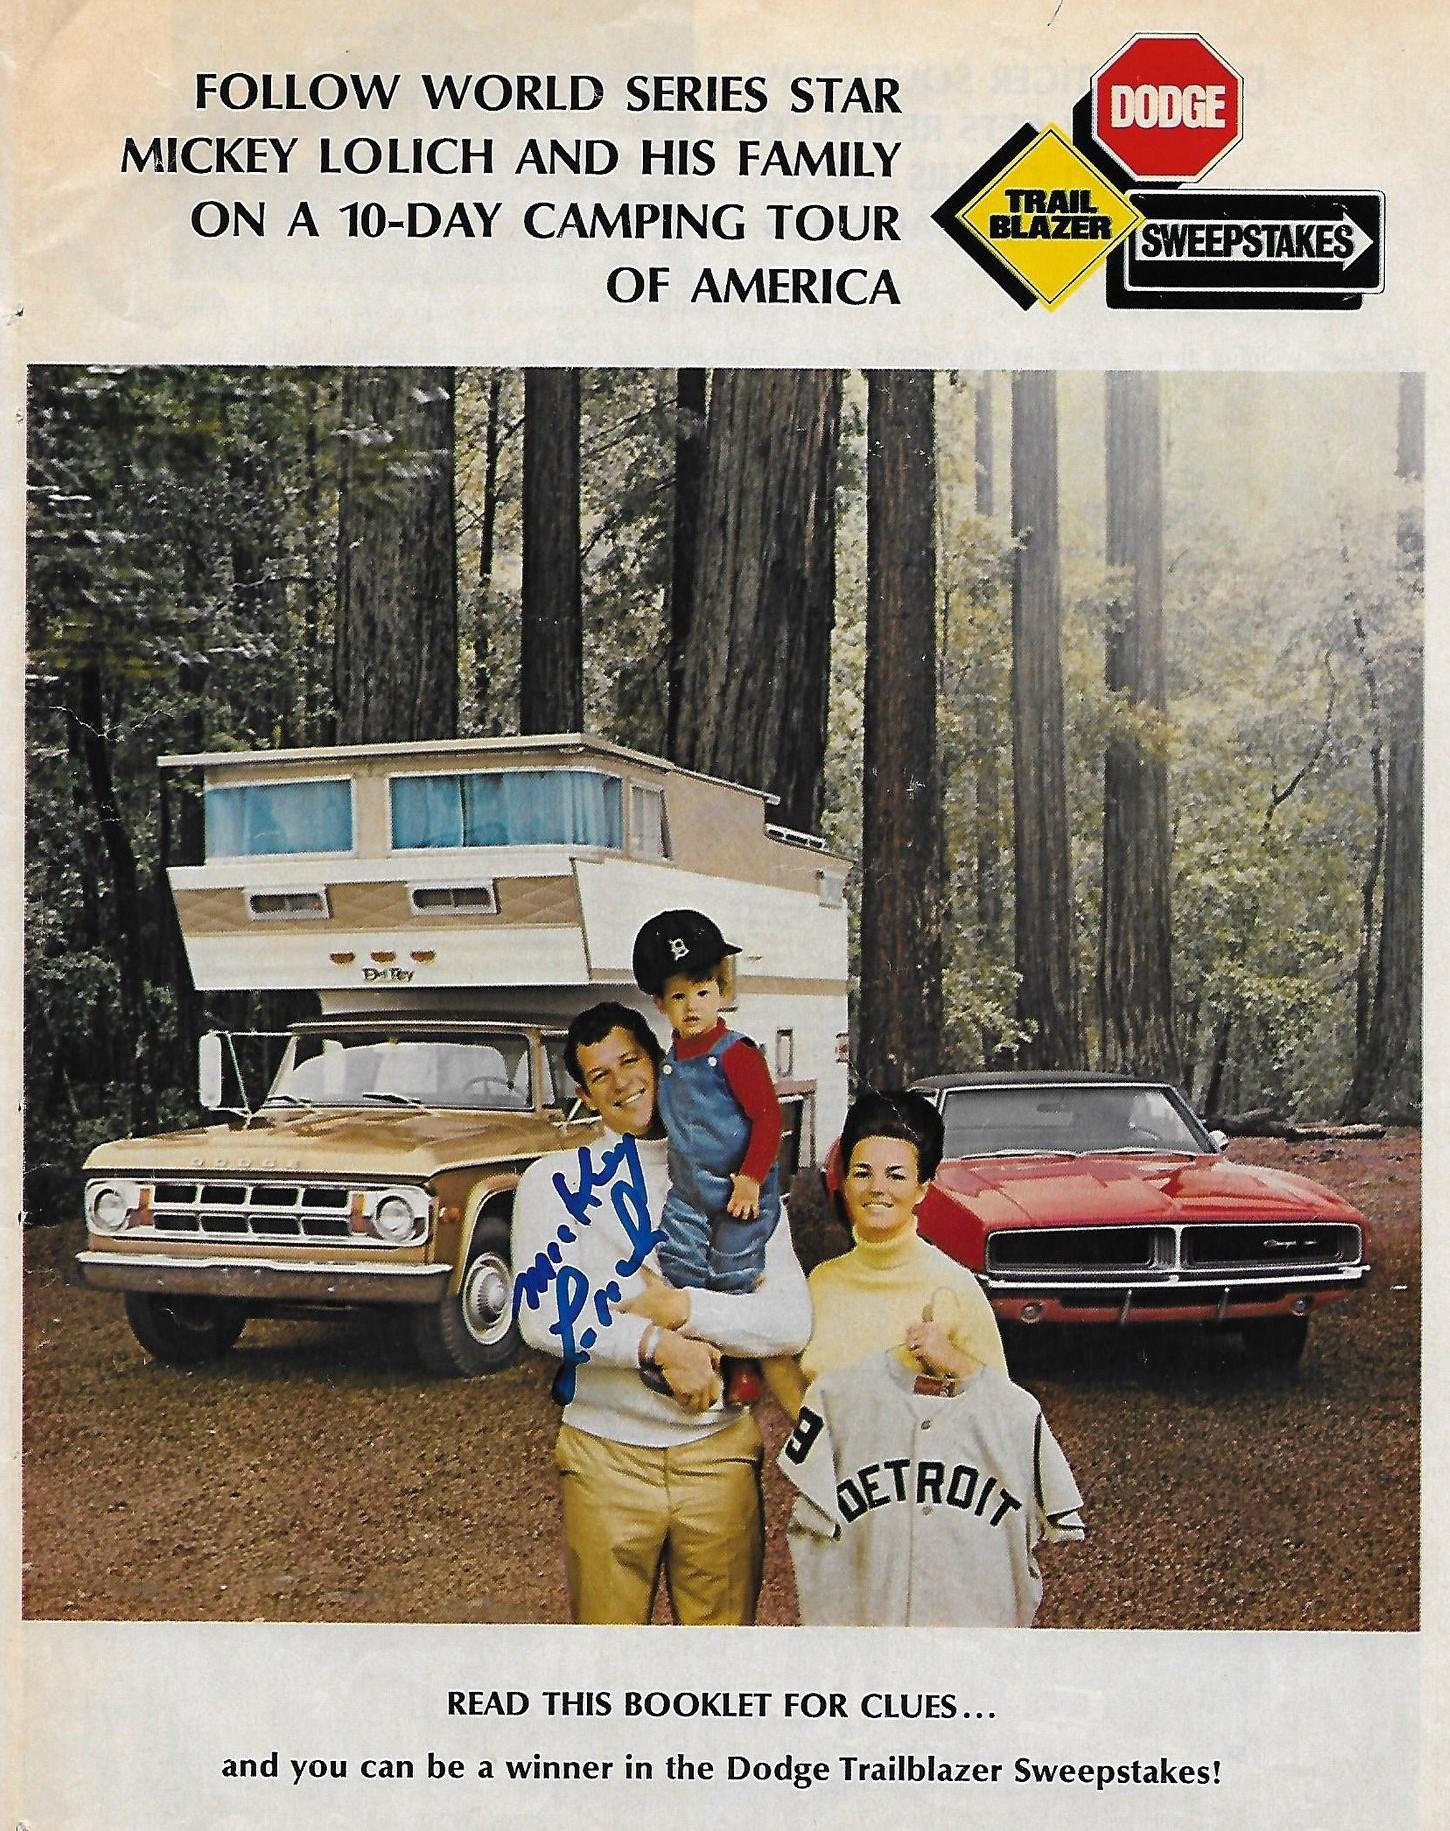 1969 Dodge - Mickey Lolich - Trailblazer Sweepstakes - Page 1